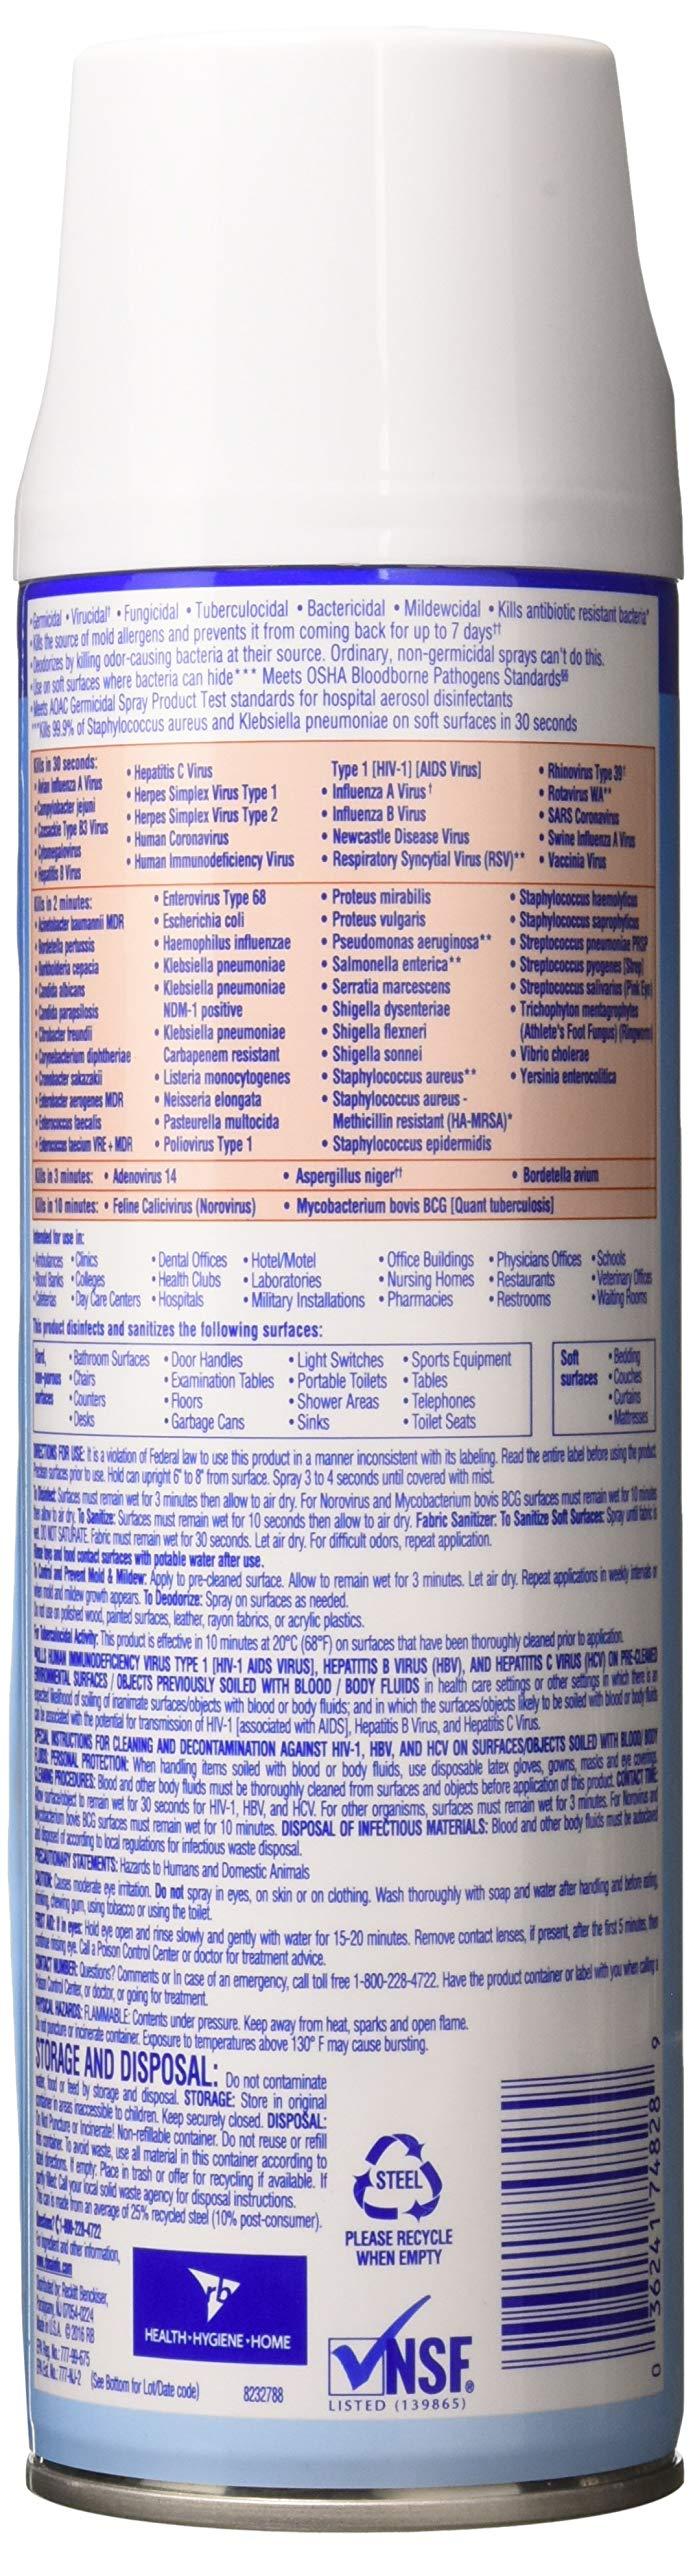 Lysol Disinfectant Spray, Crisp Linen, 76oz (4X19oz) by Lysol (Image #2)